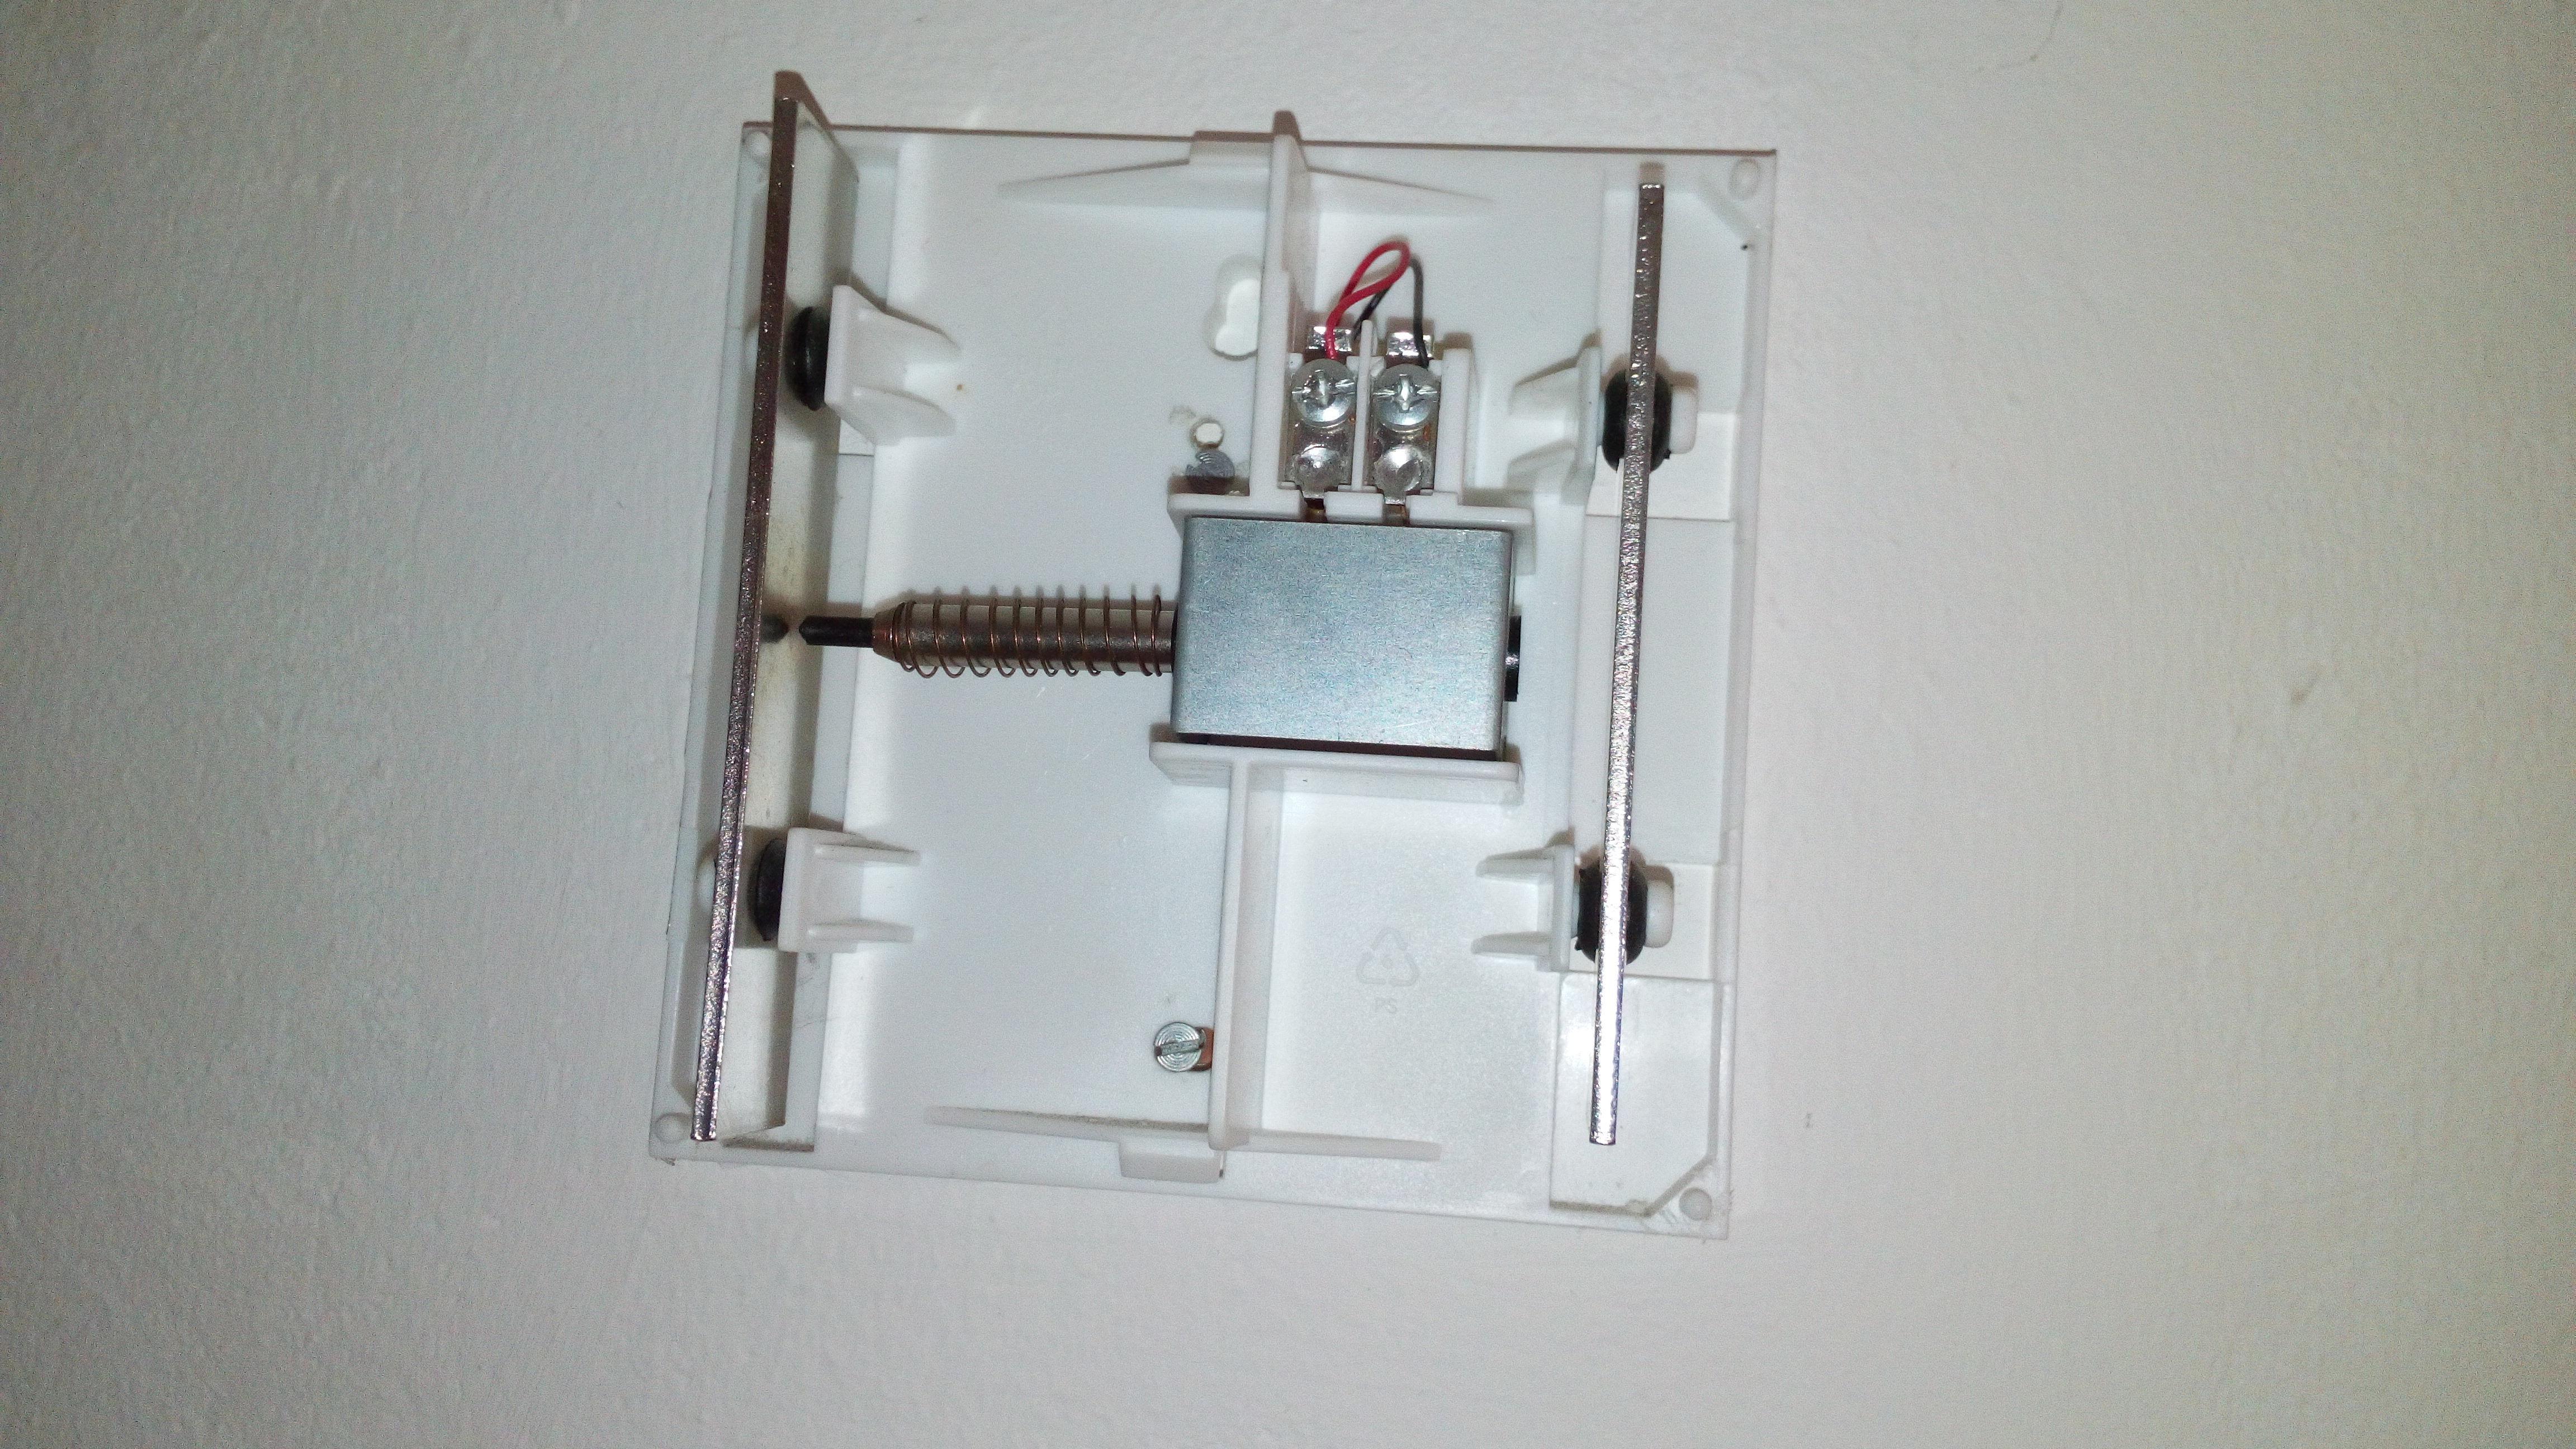 klingel anschlie en 2 kabel swalif. Black Bedroom Furniture Sets. Home Design Ideas